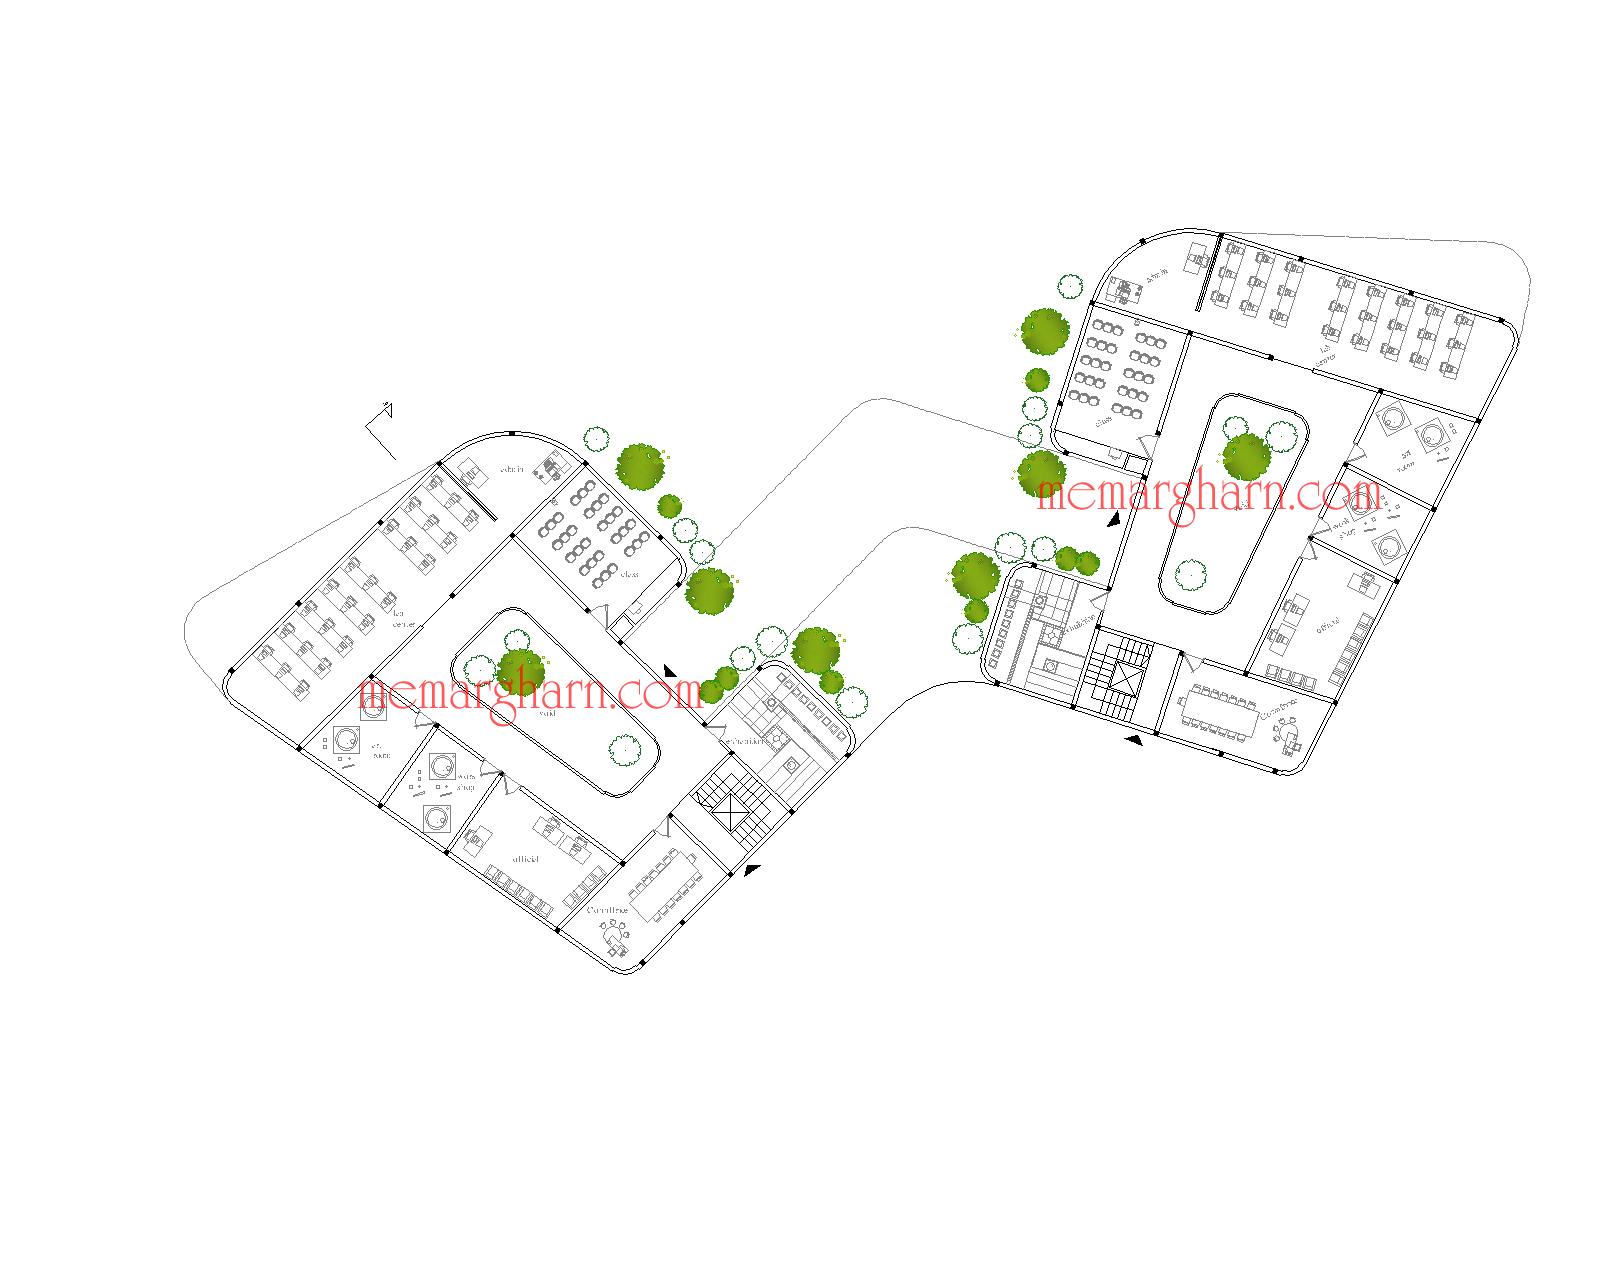 ریز فضاهای طبقه همکف بنیاد نخبگان با رویکرد فضاهای آموزشی